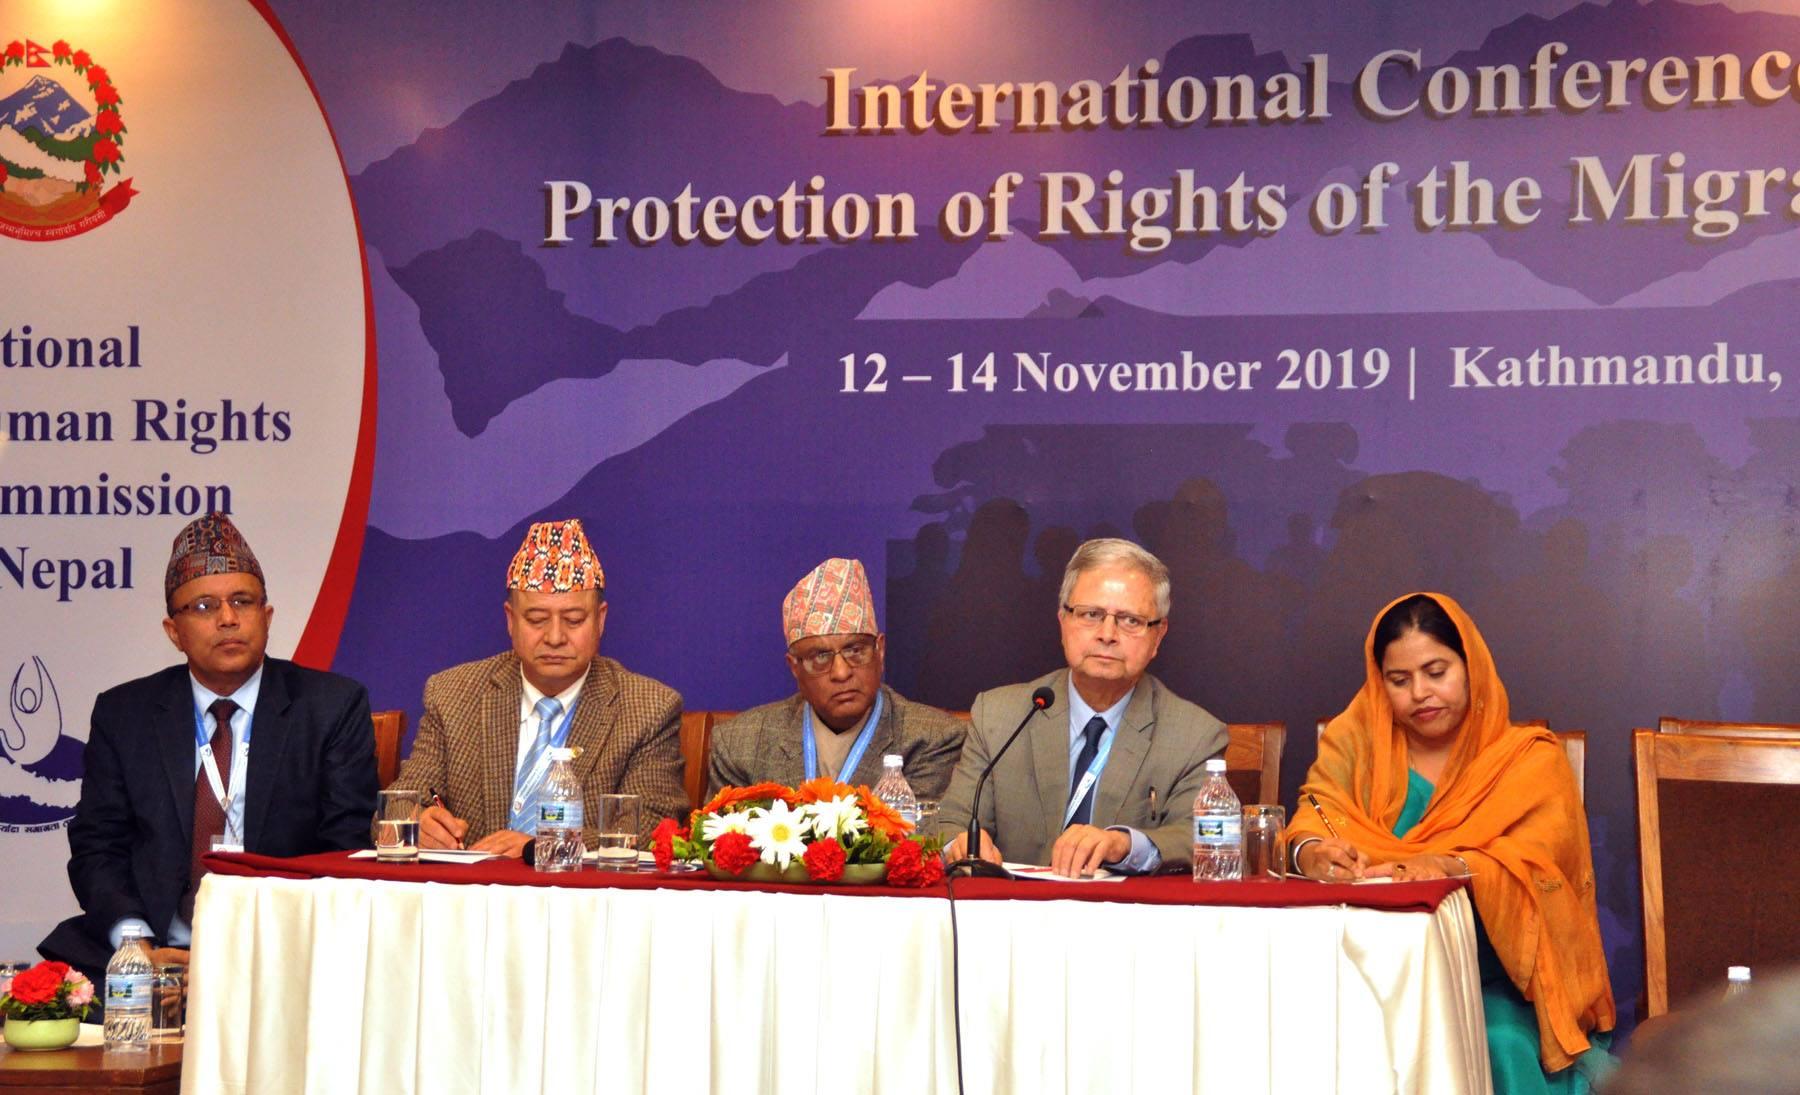 आप्रवासी कामदारहरूको अधिकार रक्षामा जोड दिदै २१ बूँदे काठमाडौं घोषणापत्र